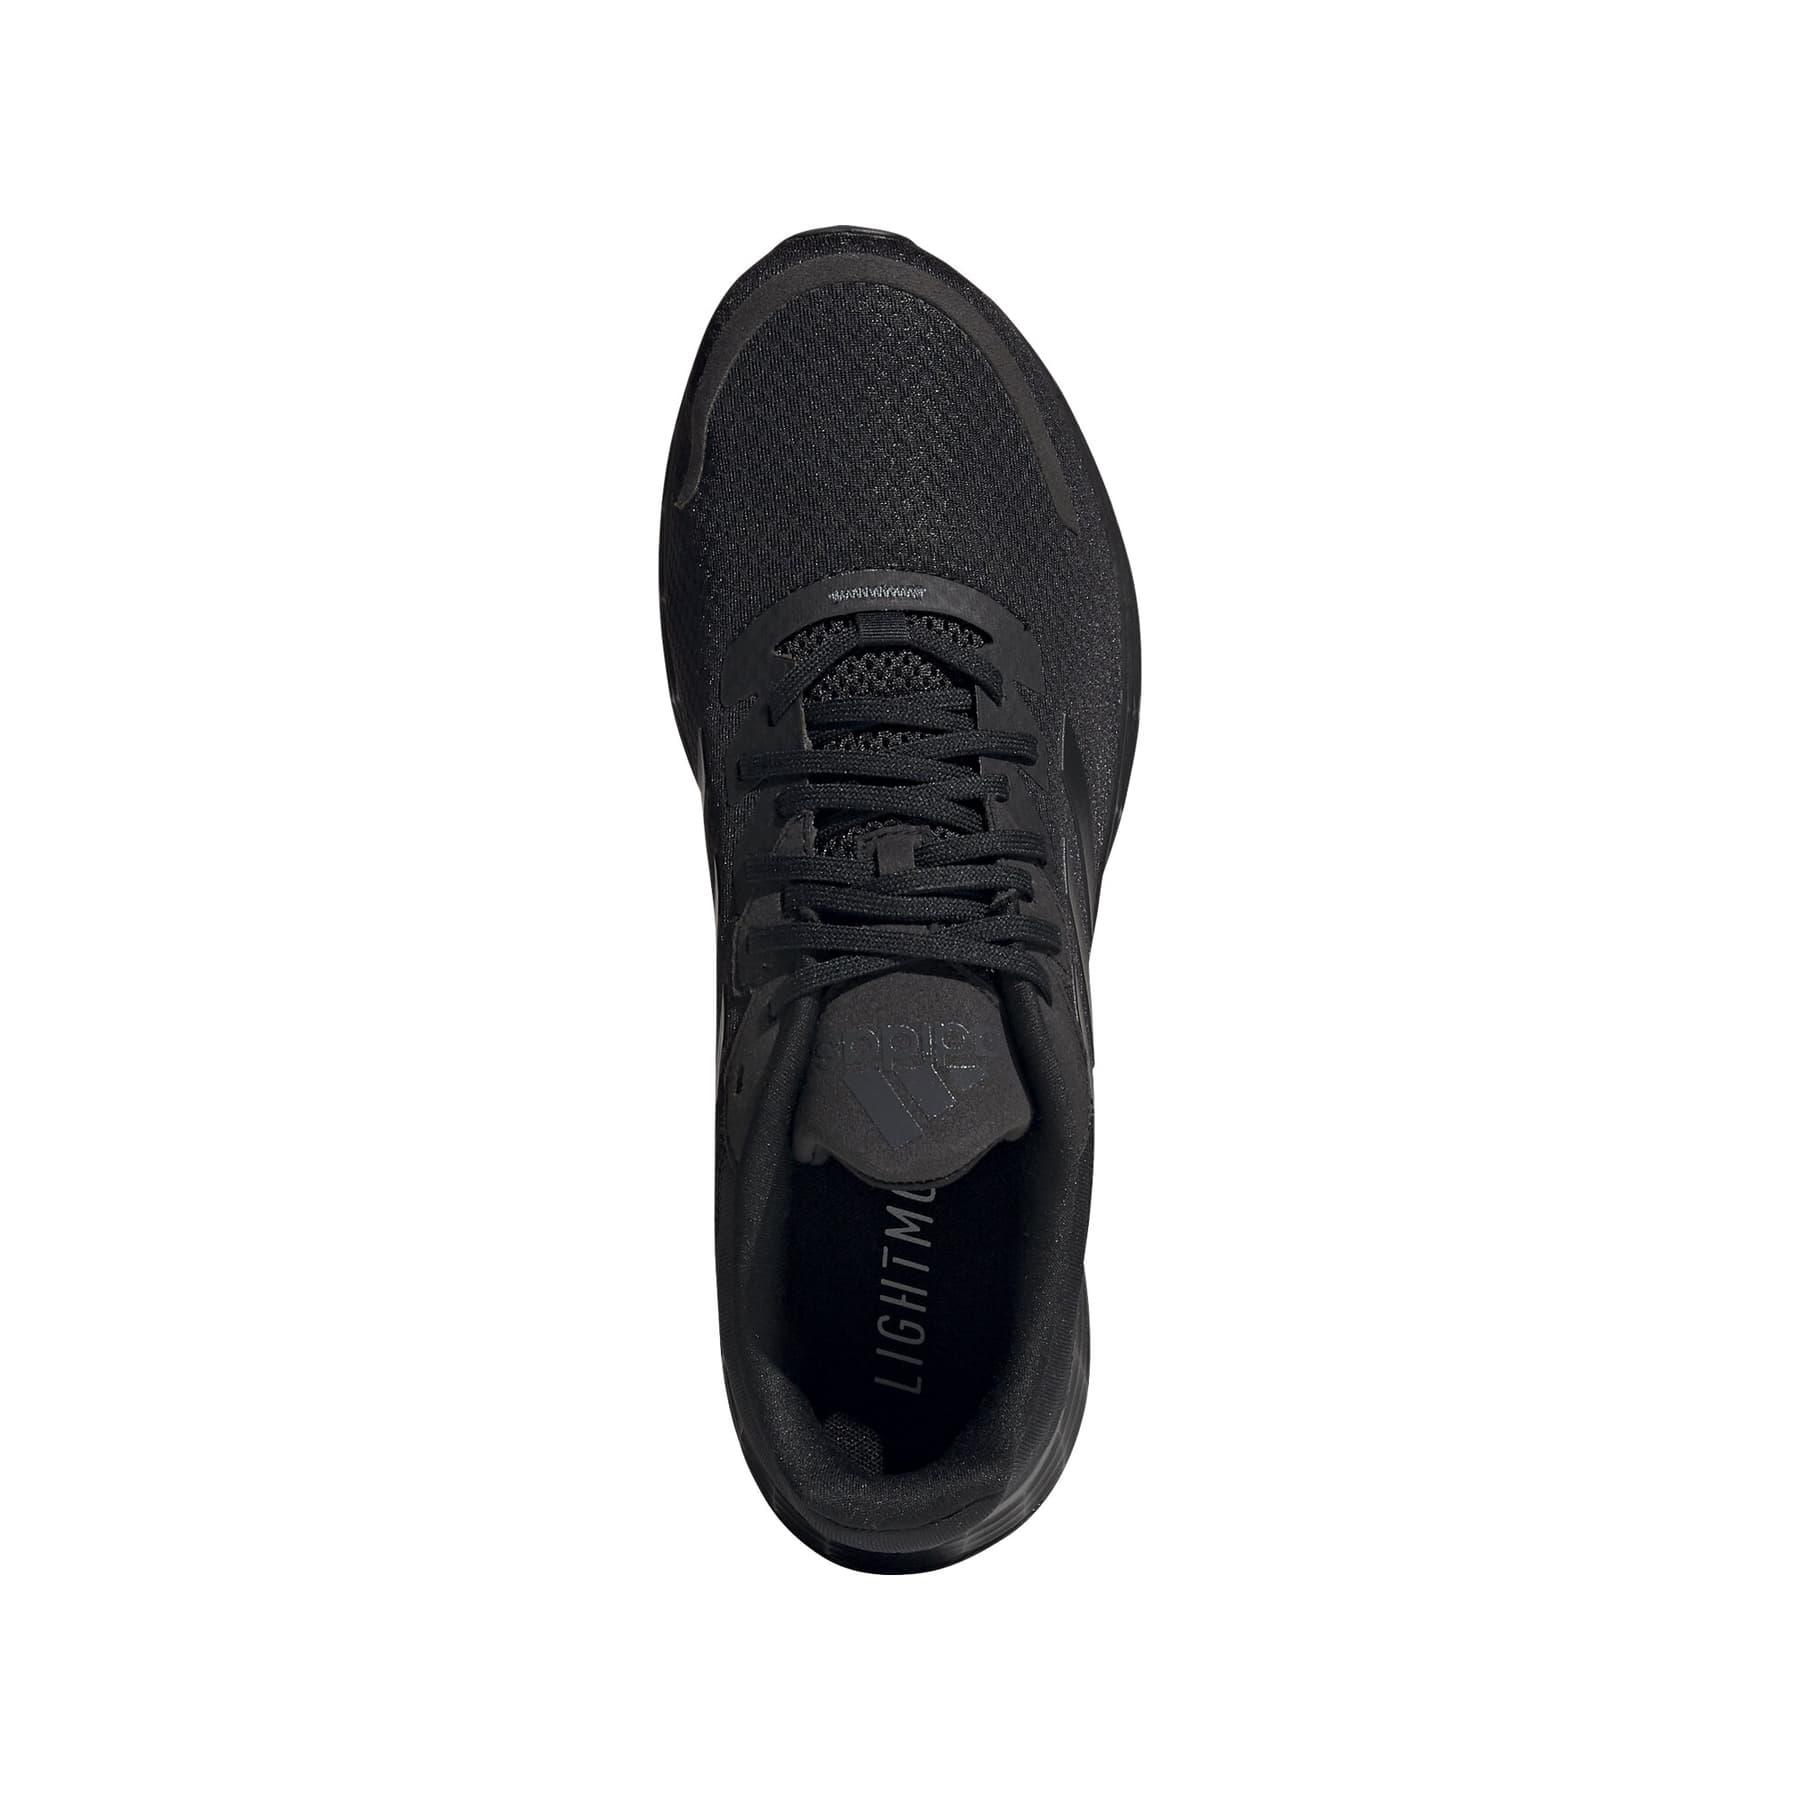 Duramo SL Erkek Siyah Yürüyüş Ayakkabısı (FW7393)